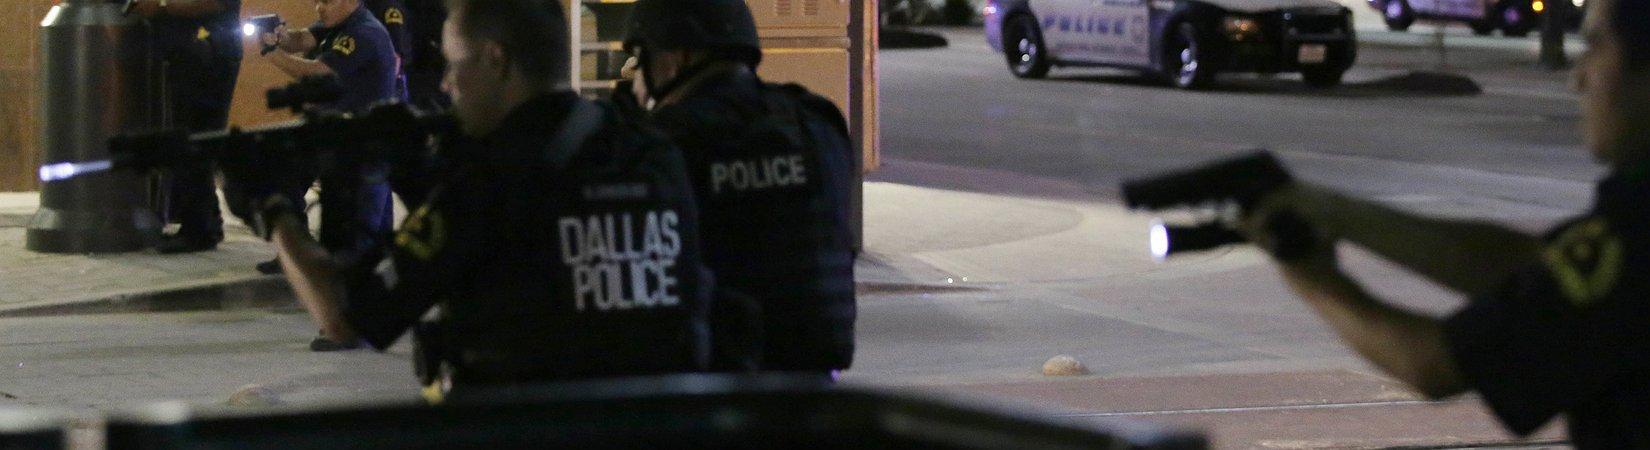 Fünf Polizisten in Dallas getötet